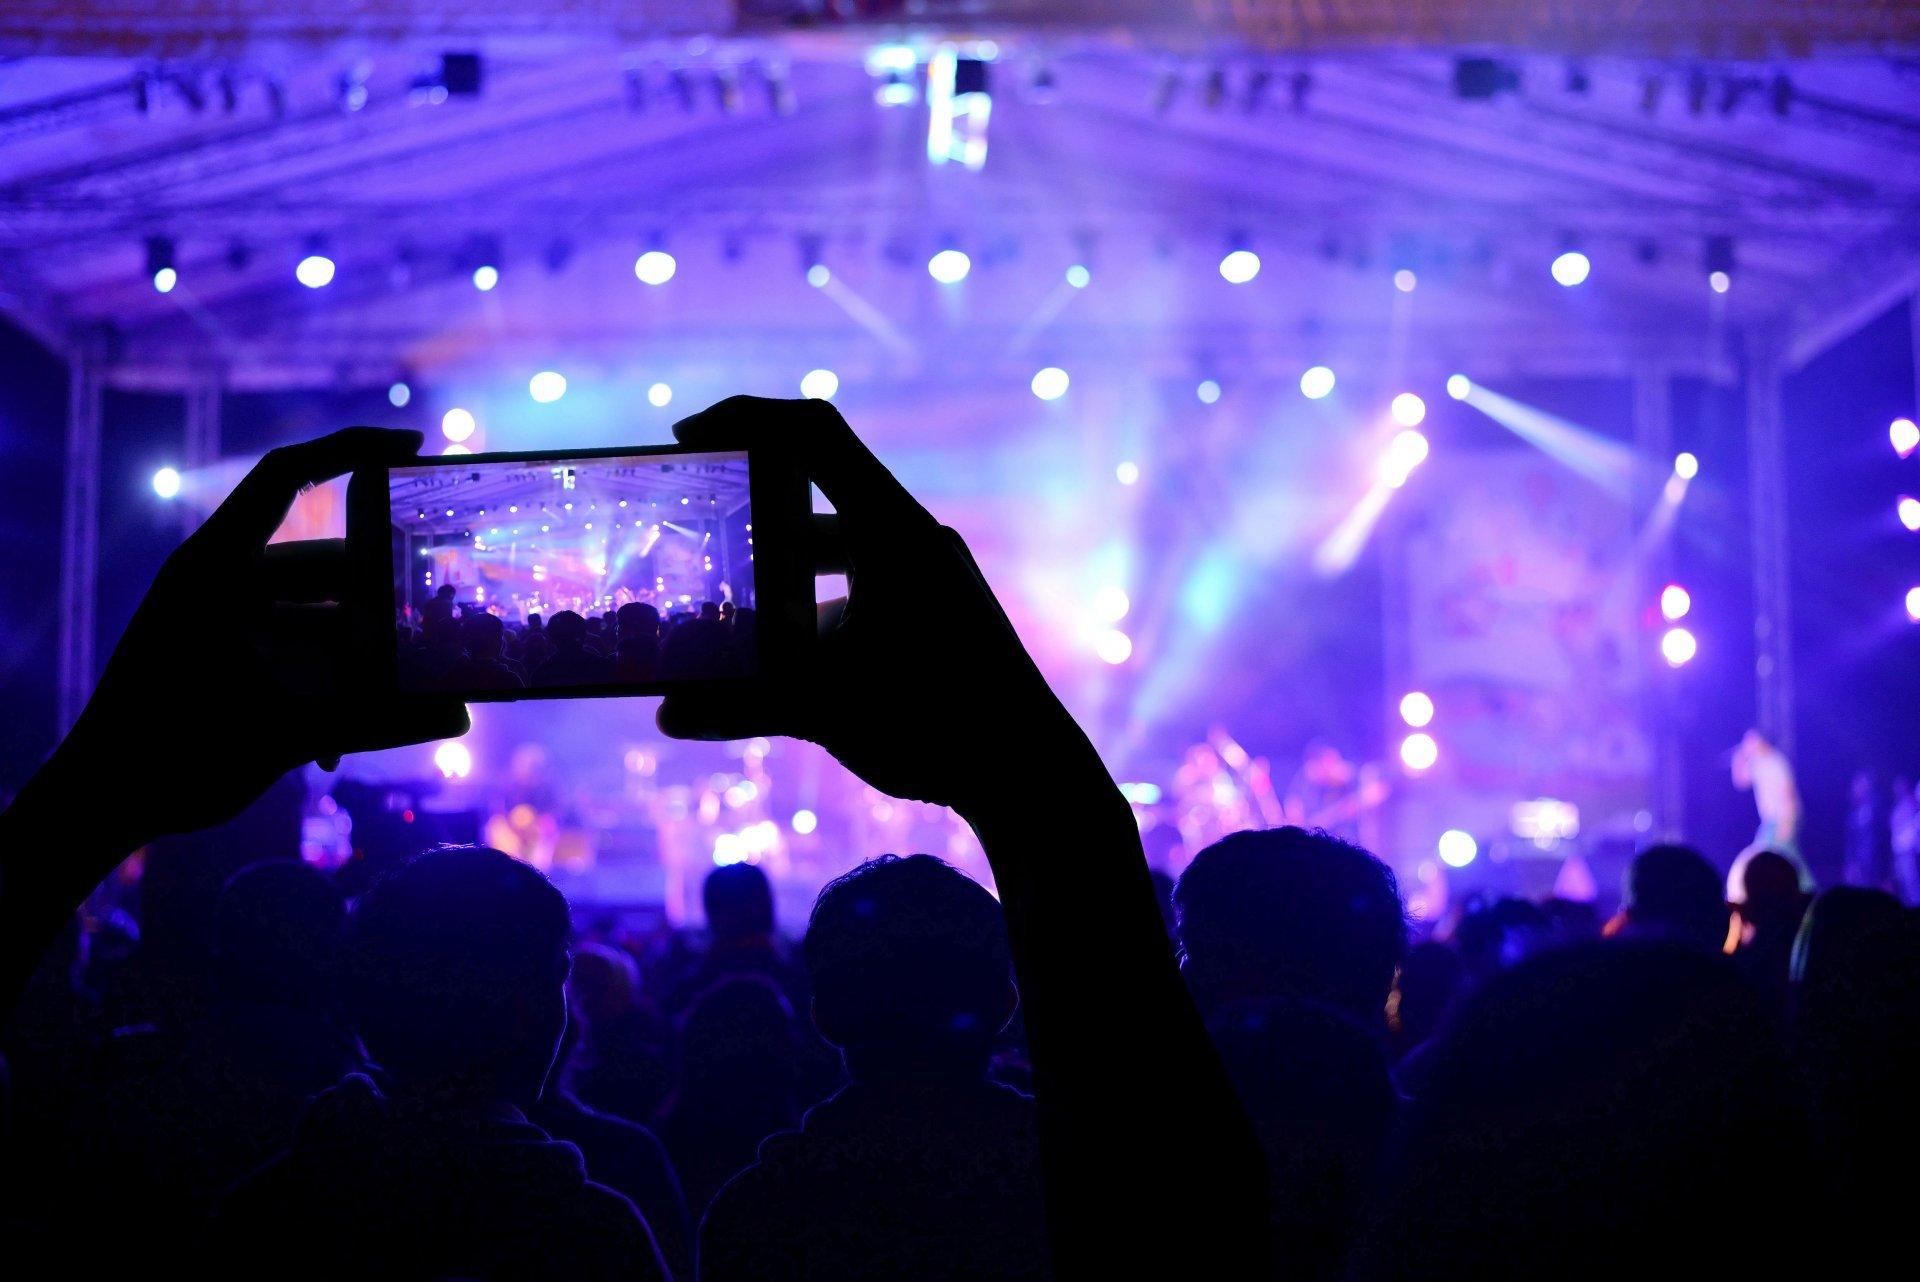 Brevetto Apple Per Bloccare Foto E Video In Concerti